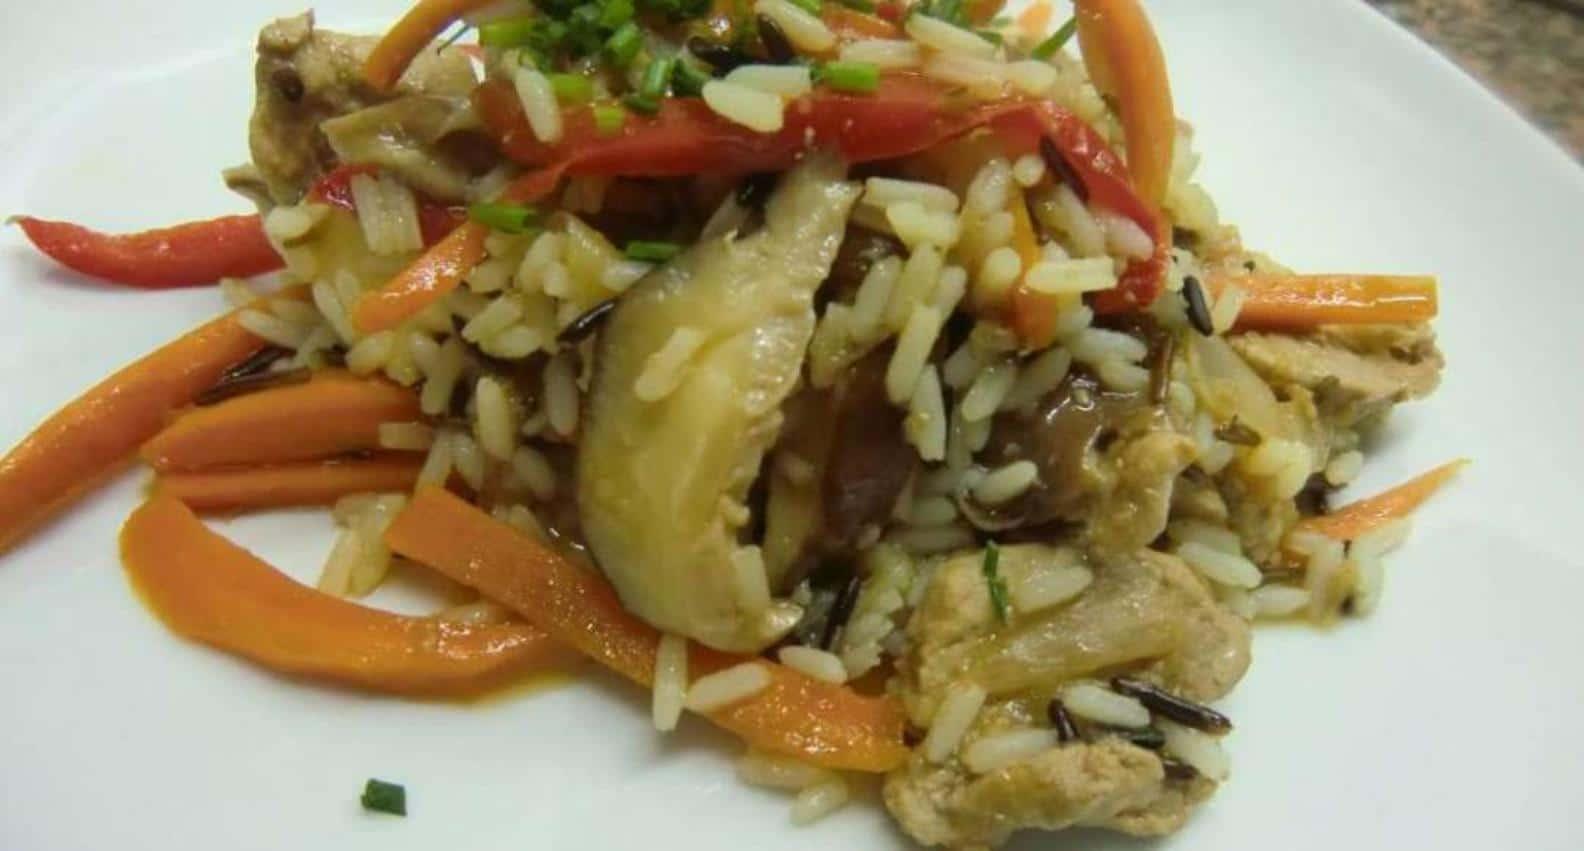 Solomillo con Setas Shiitake y Toque Asiático en recetas de arroces fáciles y rápidas Las Recetas Fáciles de María